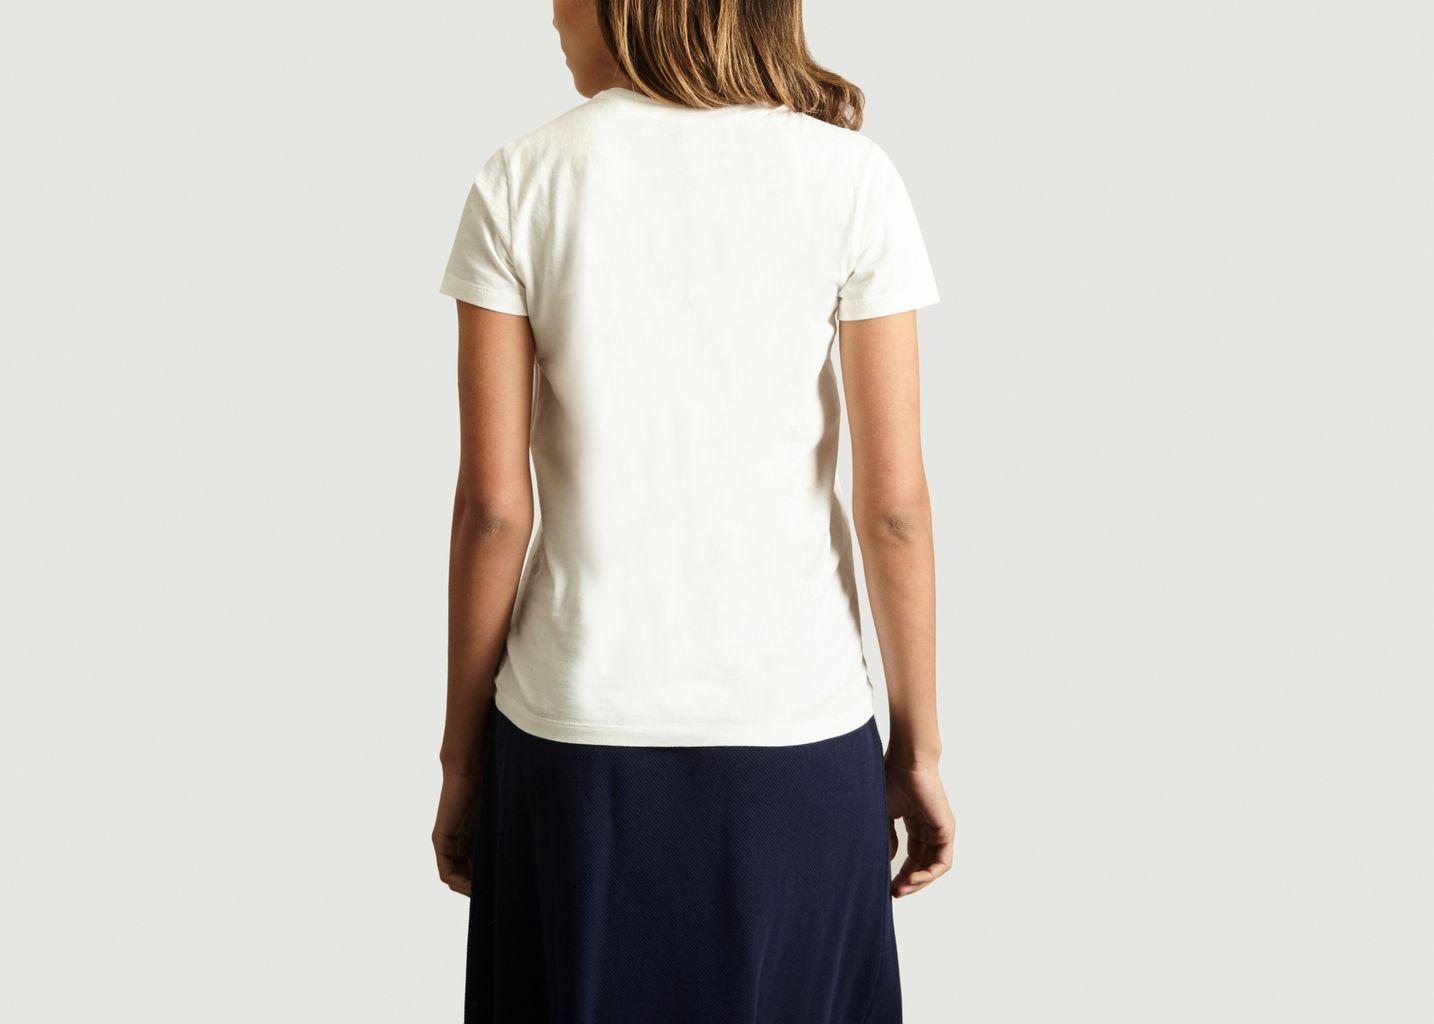 T-Shirt Parisienne - Maison Kitsuné